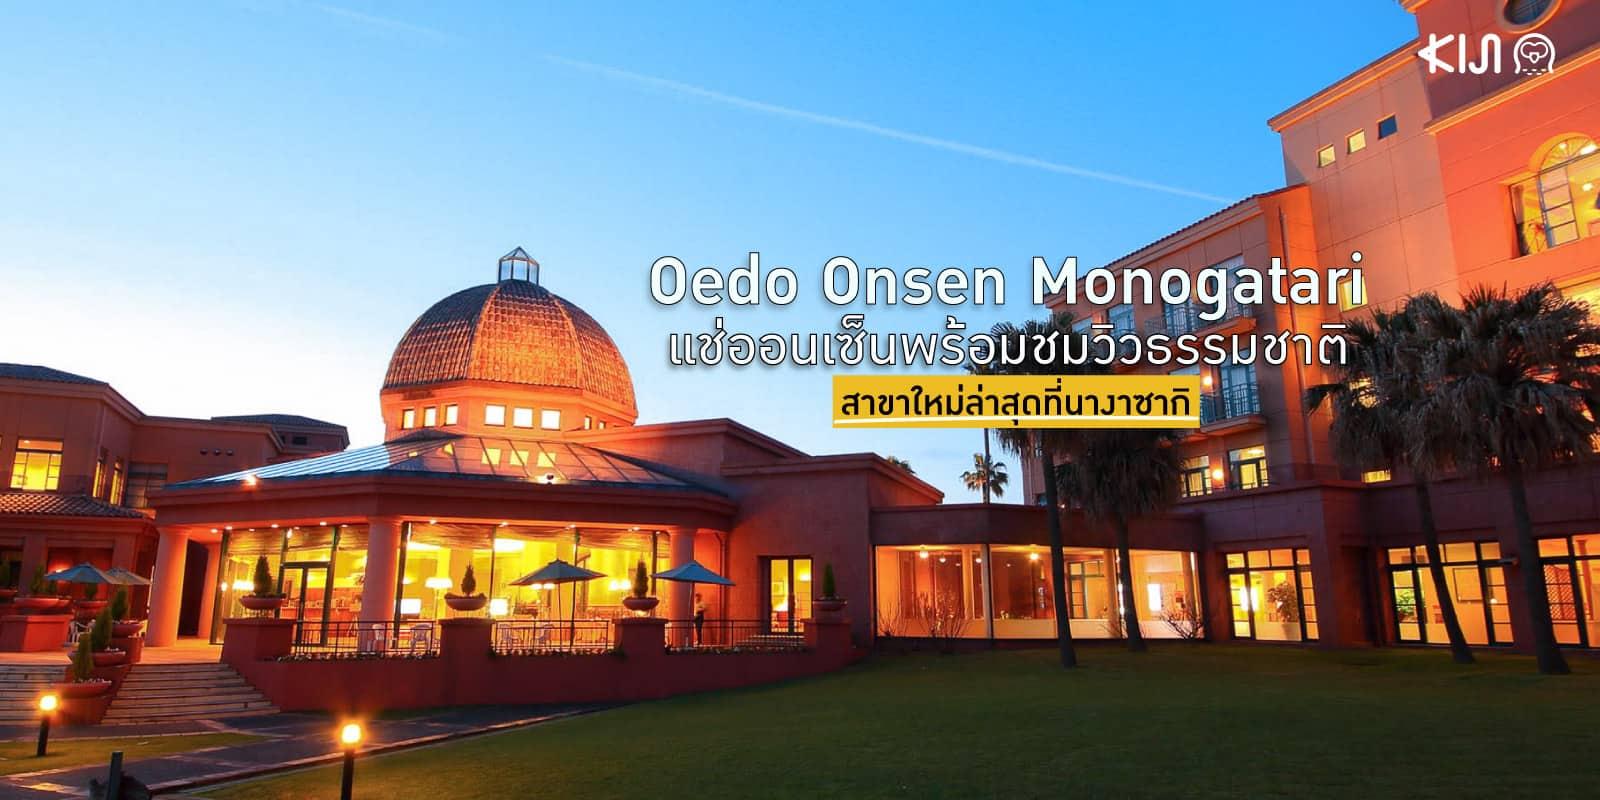 Oedo Onsen Monogatari ที่โรงแรม Saikaibashi Corazon Hotel